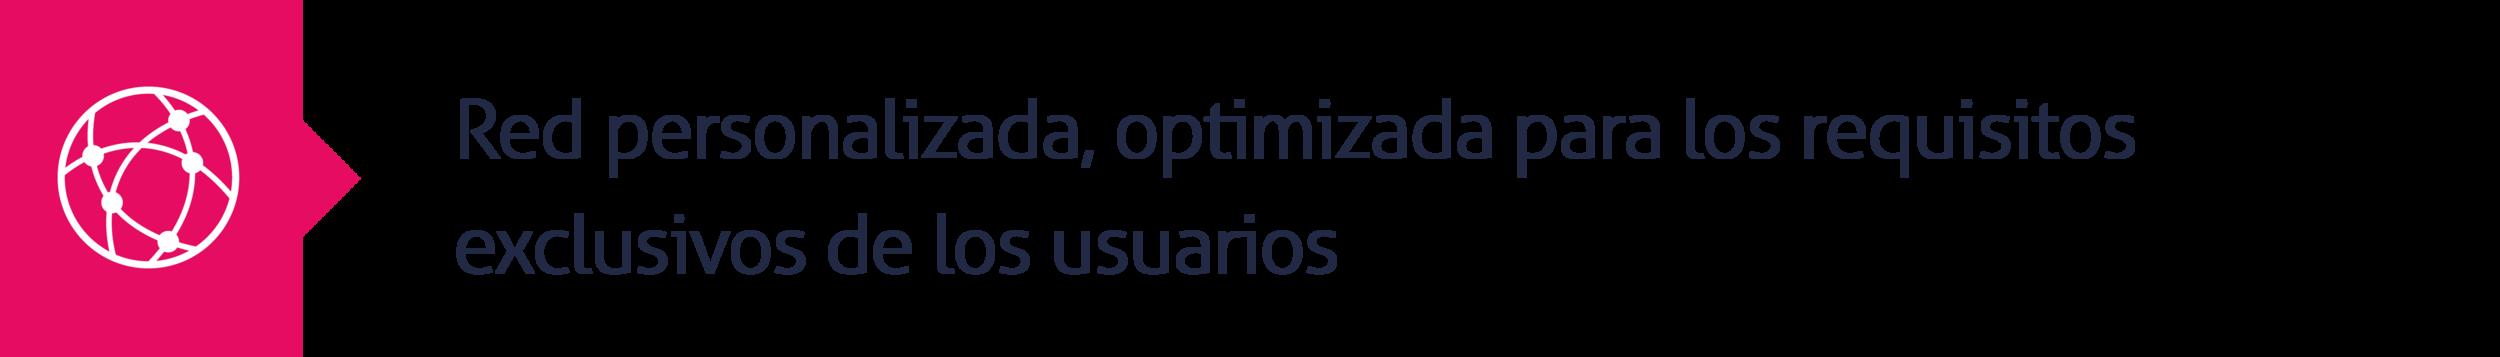 12.Red personalizada, optimizada para los requisitos exclusivos de los usuarios